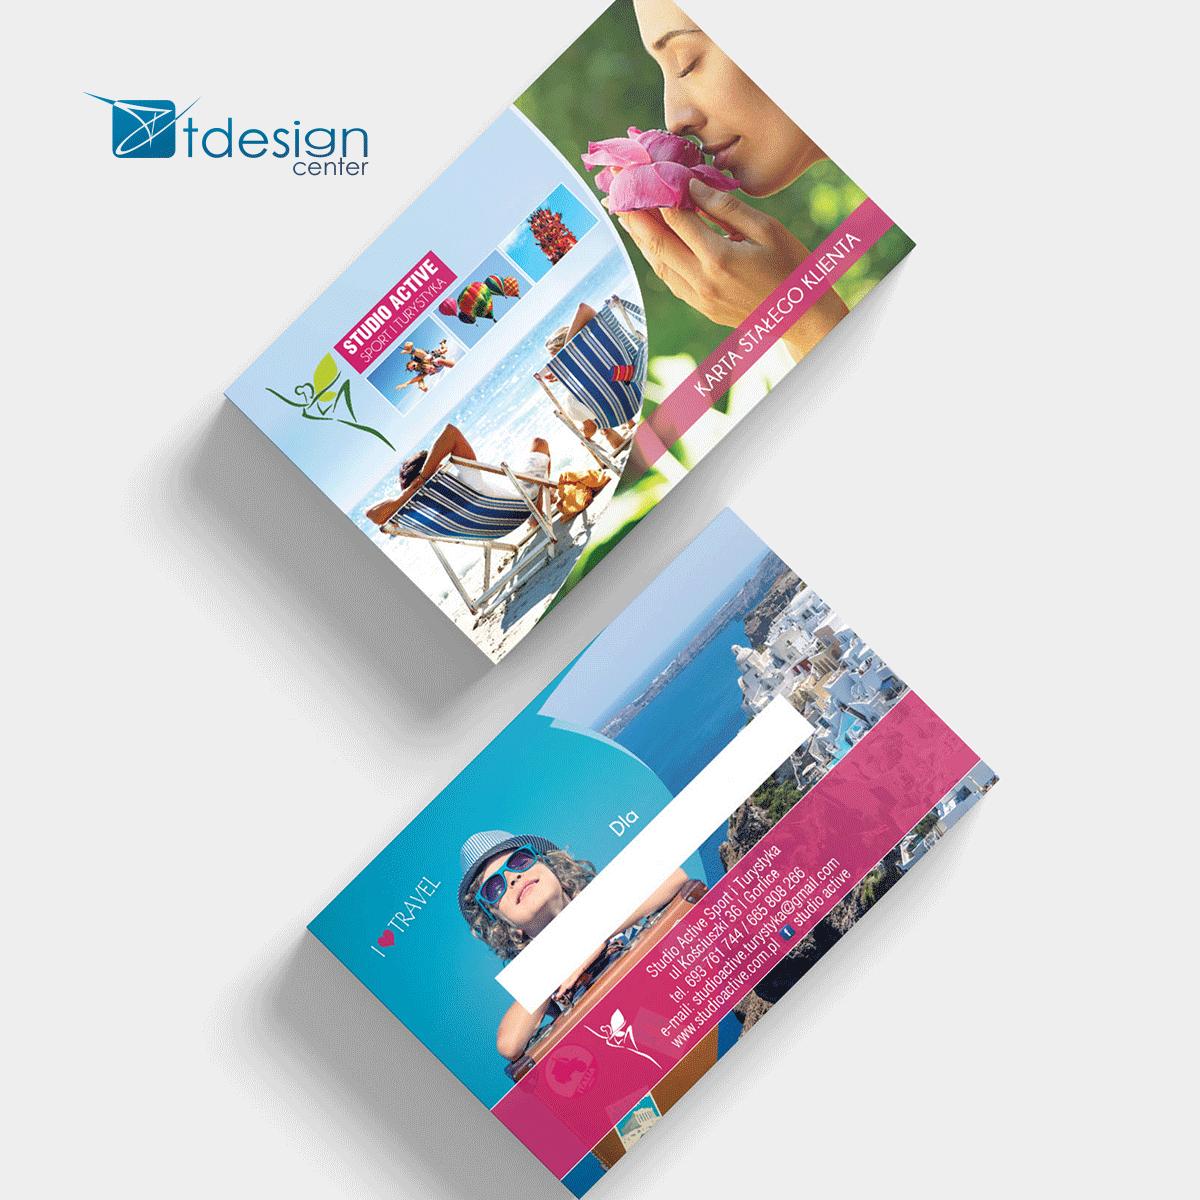 Karta biznesowa 85x55mm, projekt + druk, realizacja dla biura podróży Studio Active